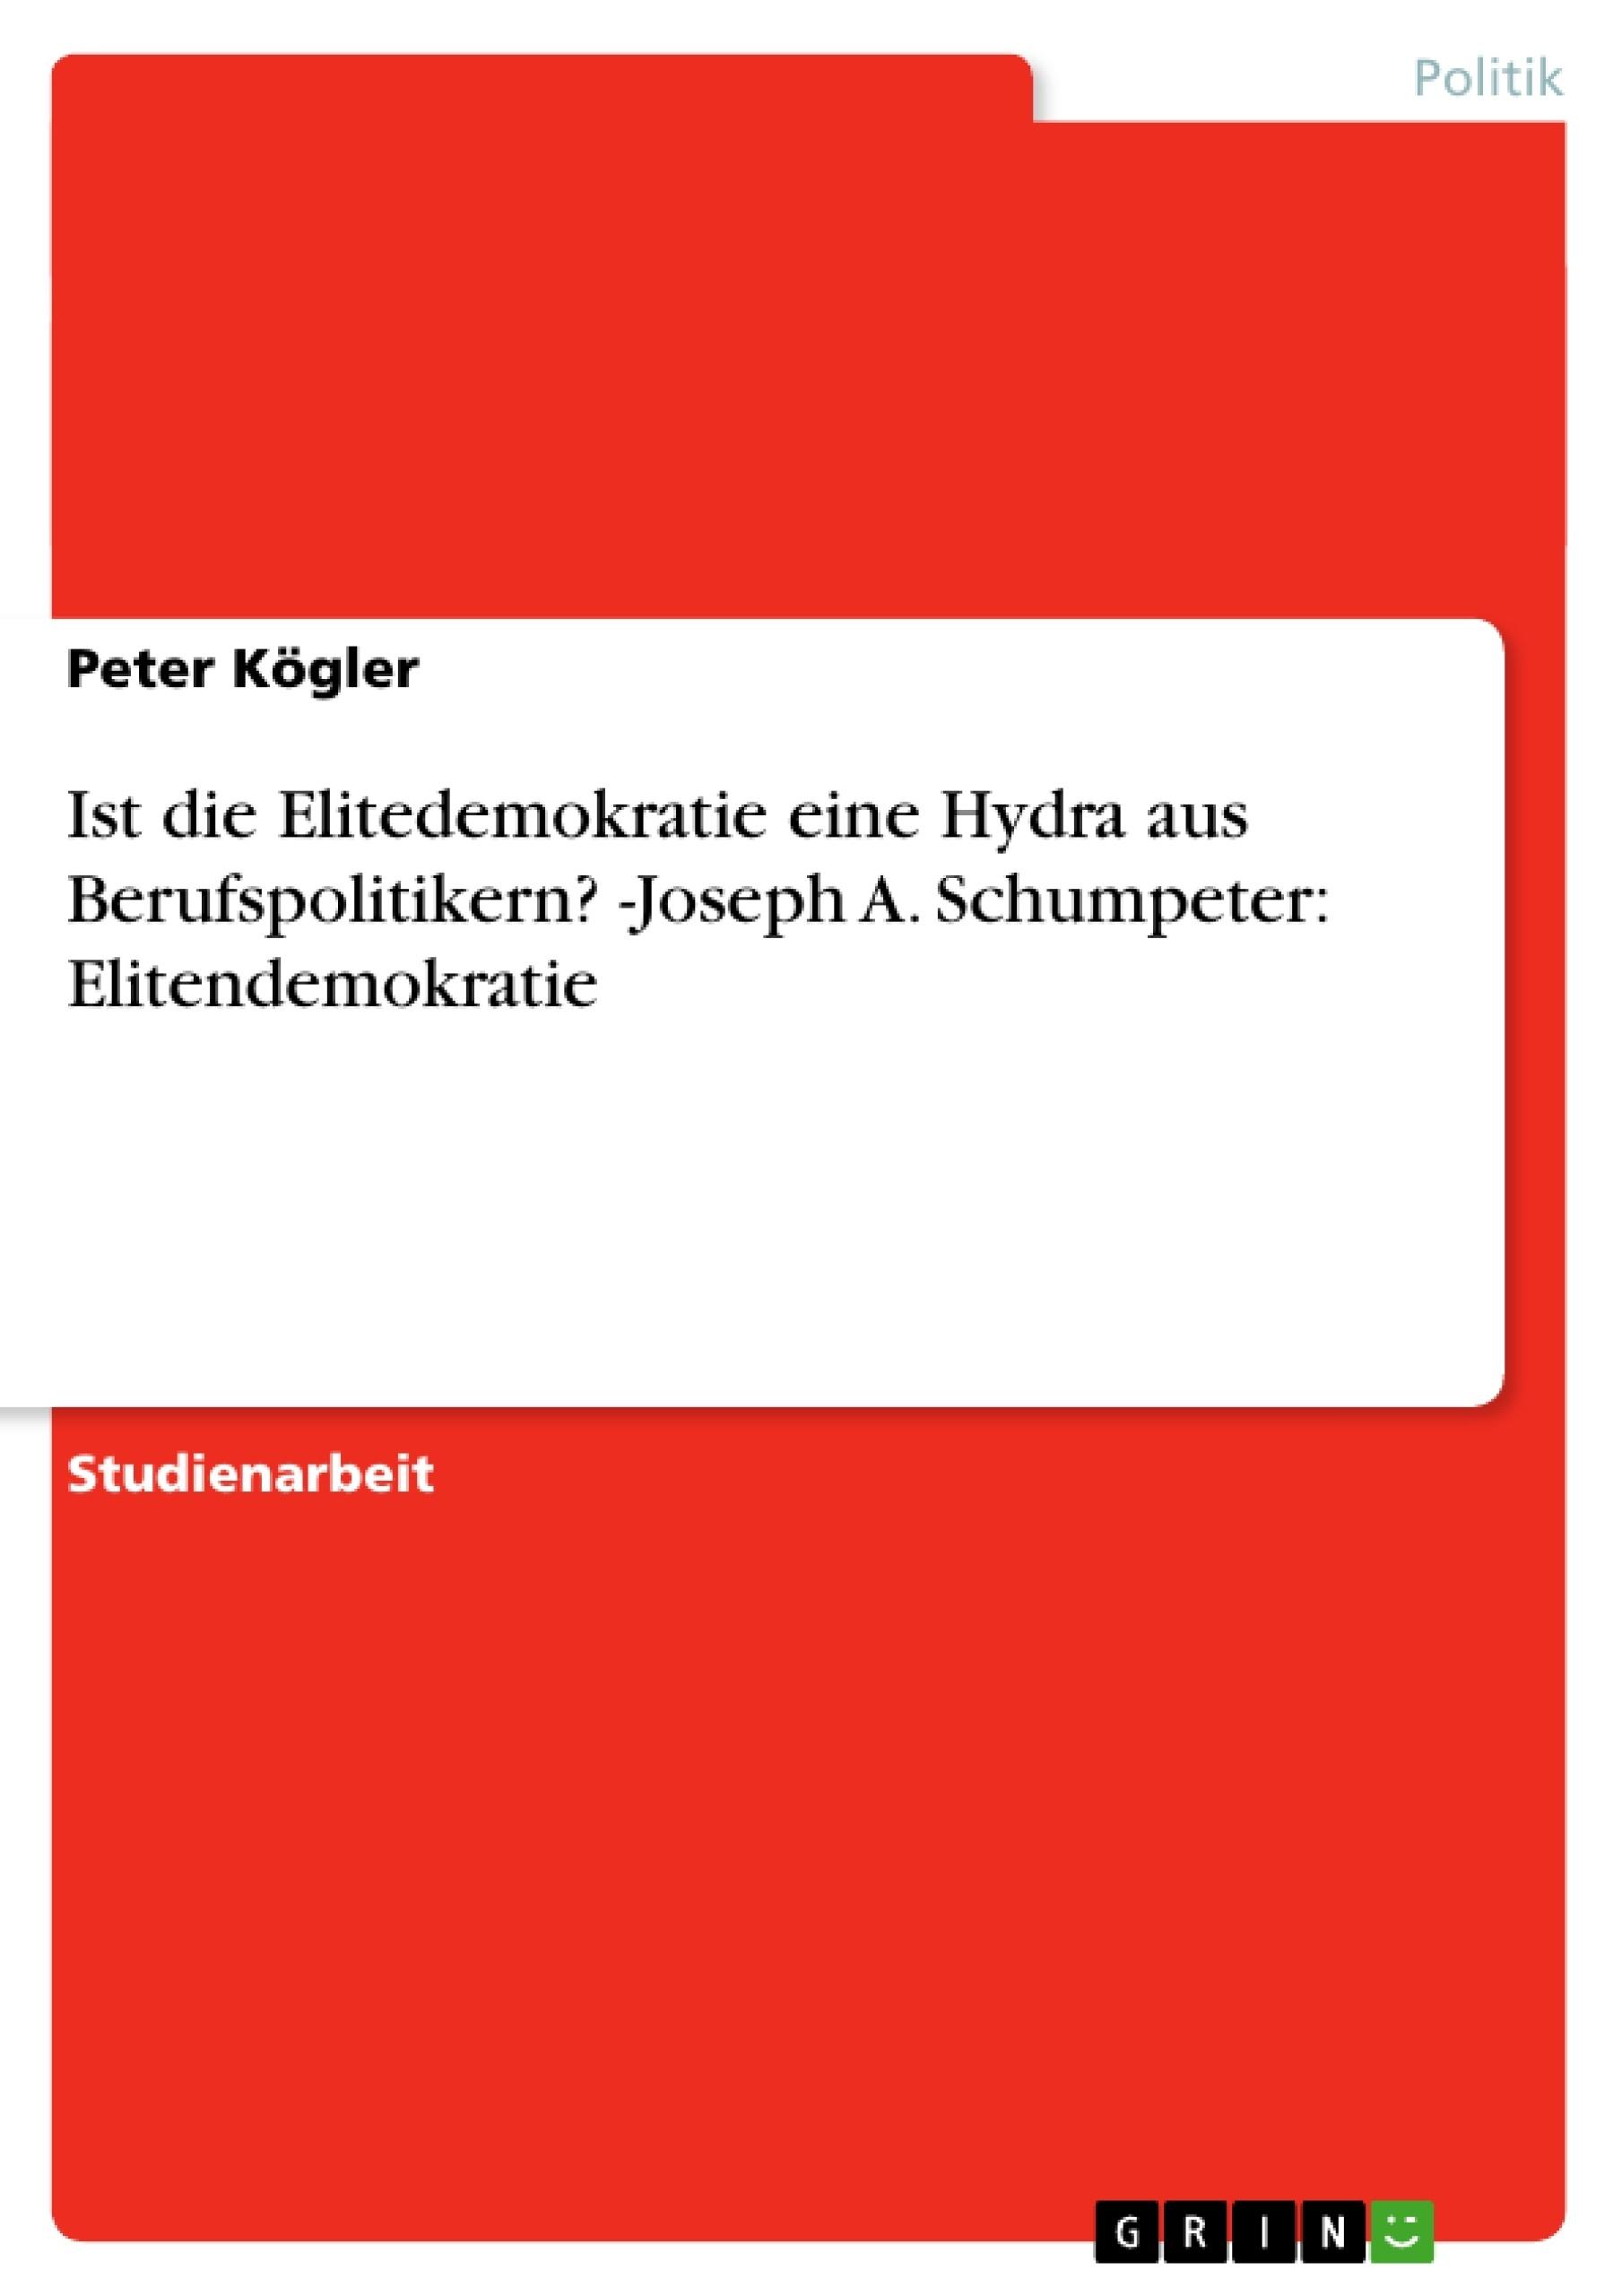 Titel: Ist die Elitedemokratie eine Hydra aus Berufspolitikern? -Joseph A. Schumpeter: Elitendemokratie